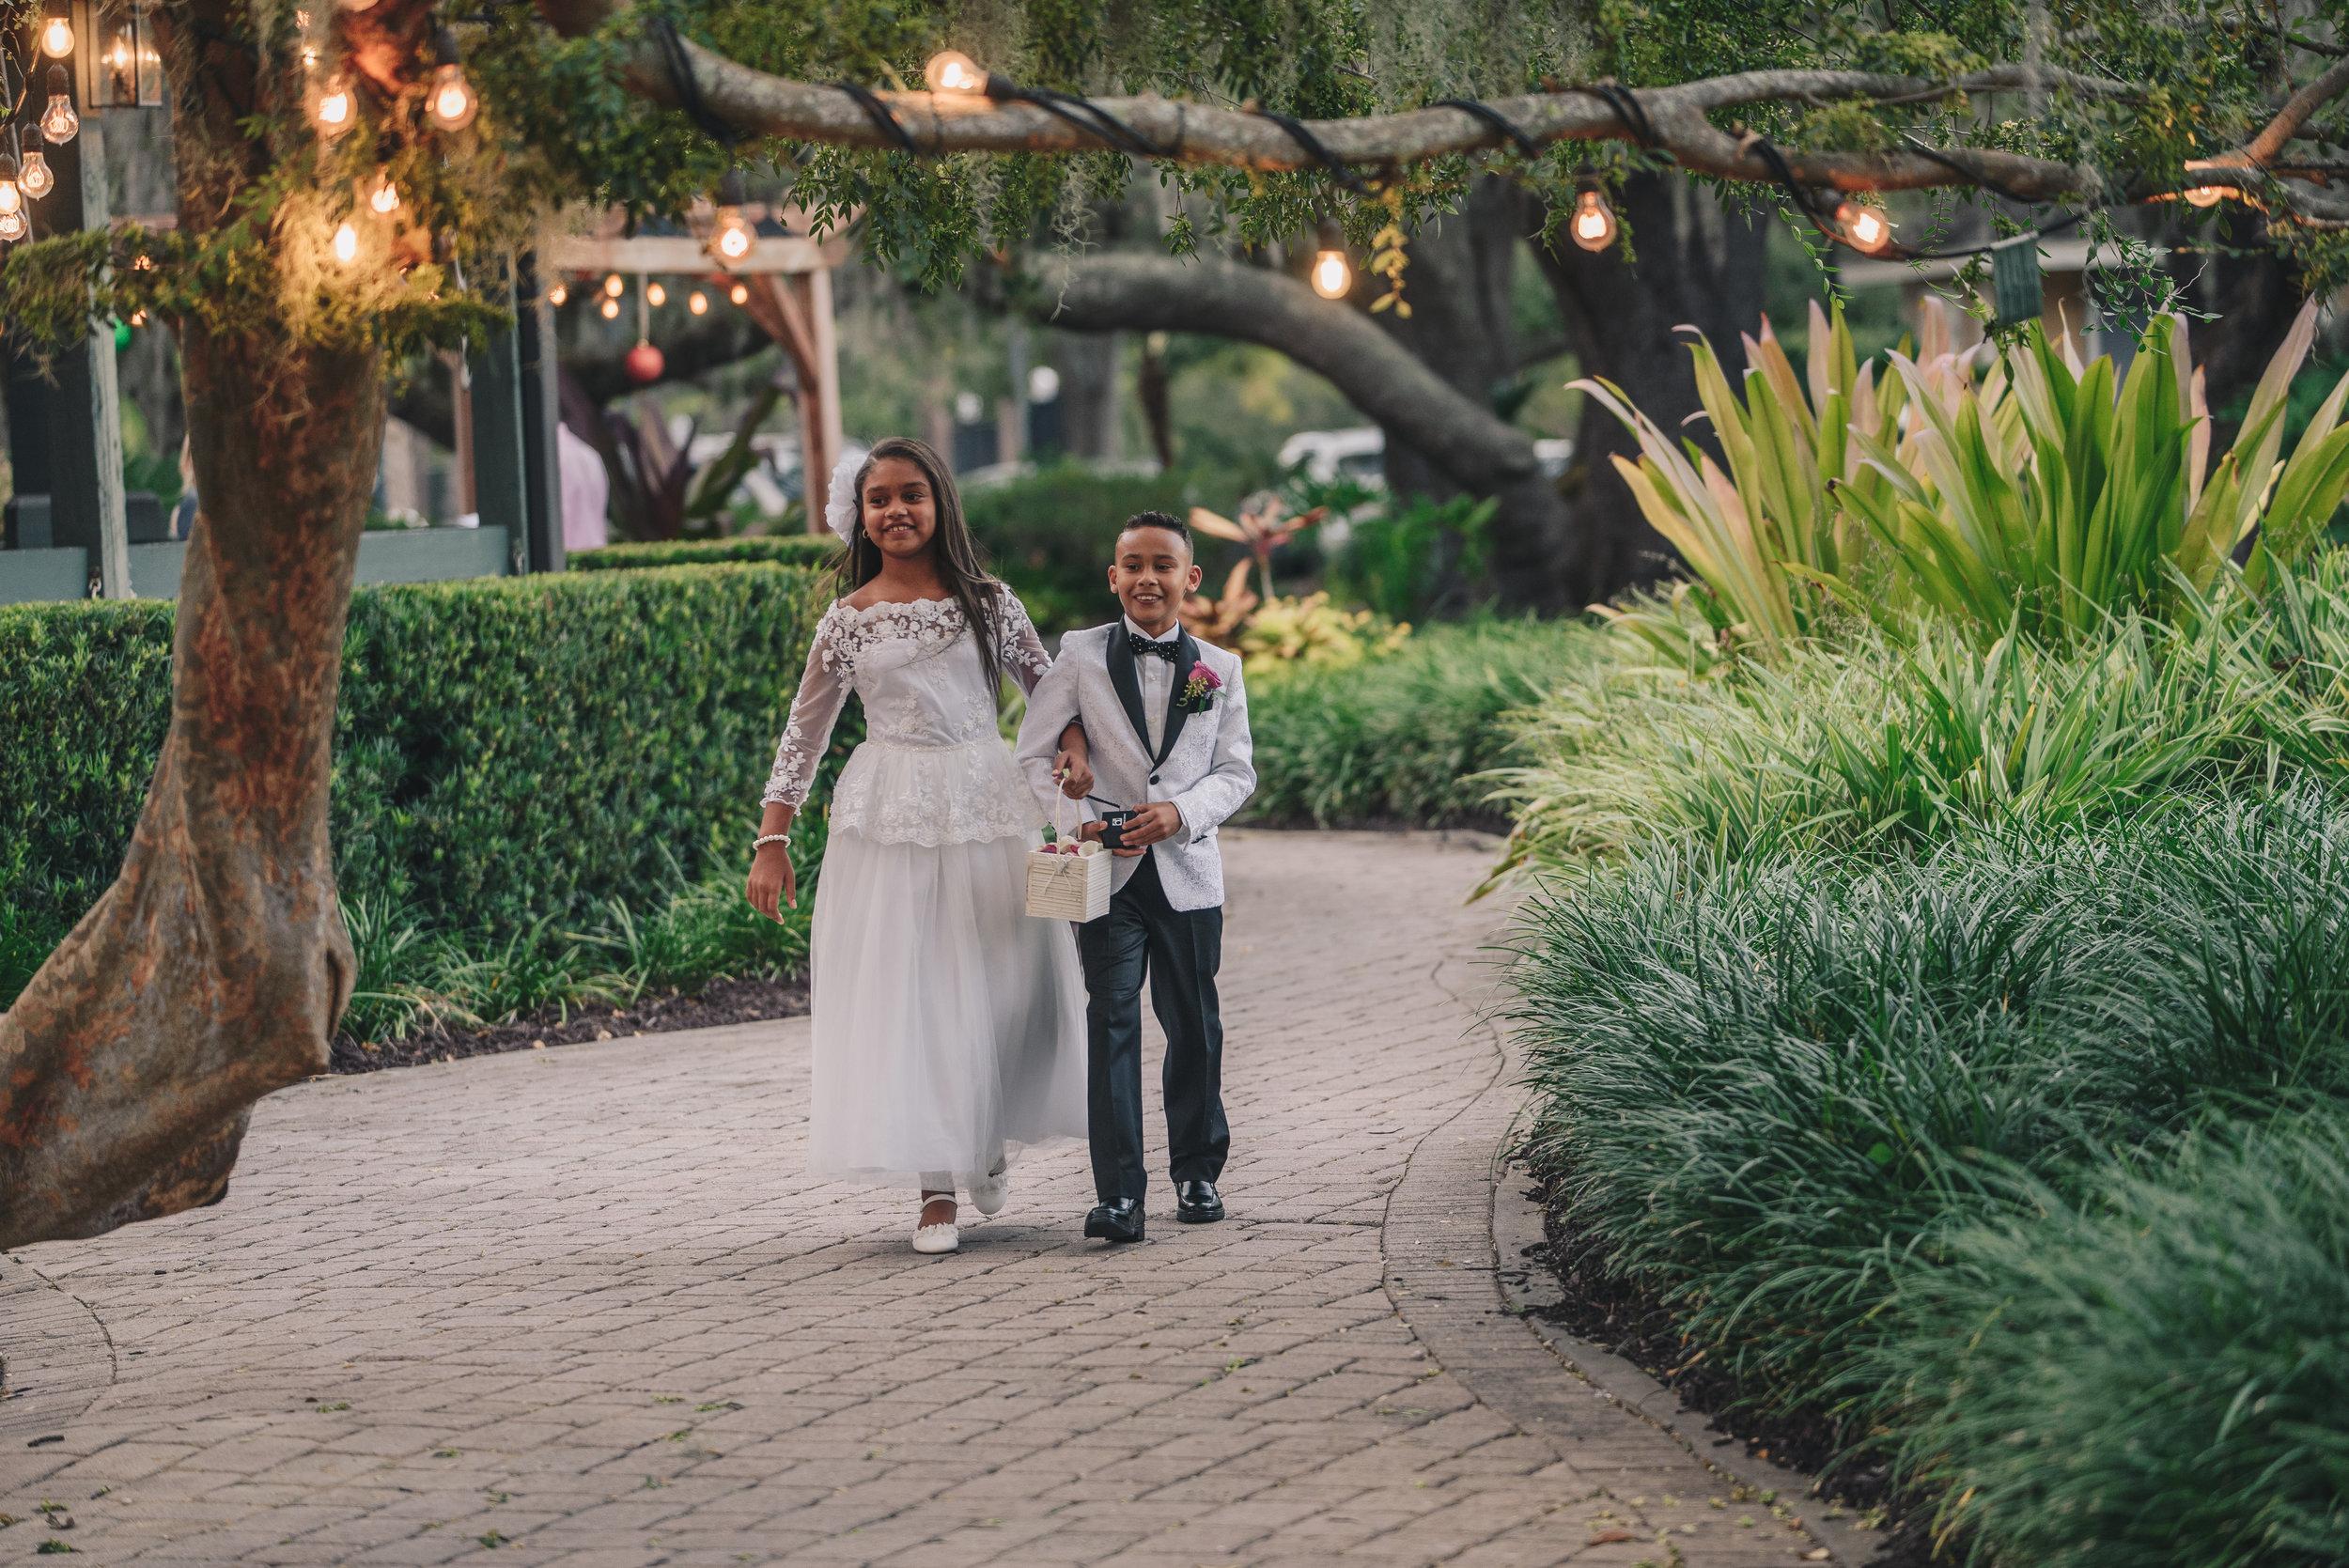 Los-Vargas-Photo-Wedding-Historic-Dubsdread-Ballroom-8116.jpg